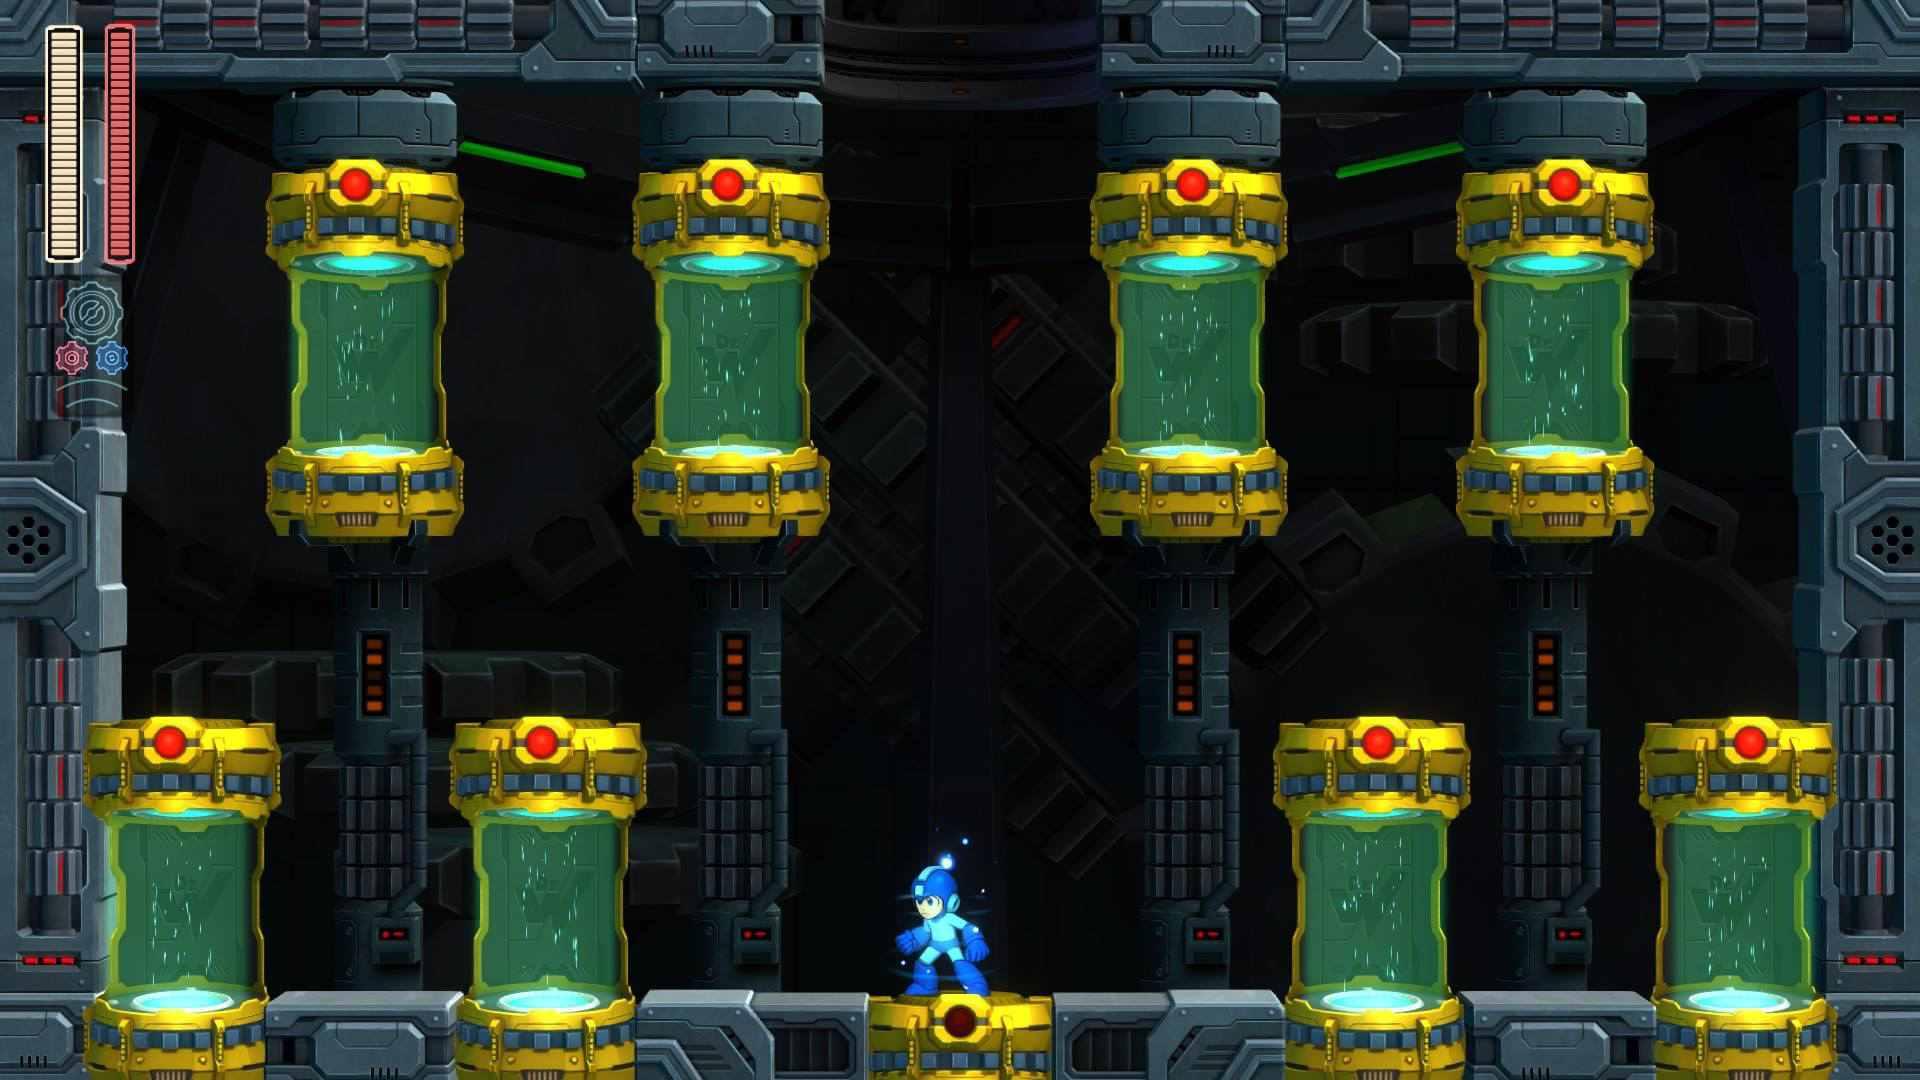 The robot master gauntlet in Mega Man 11